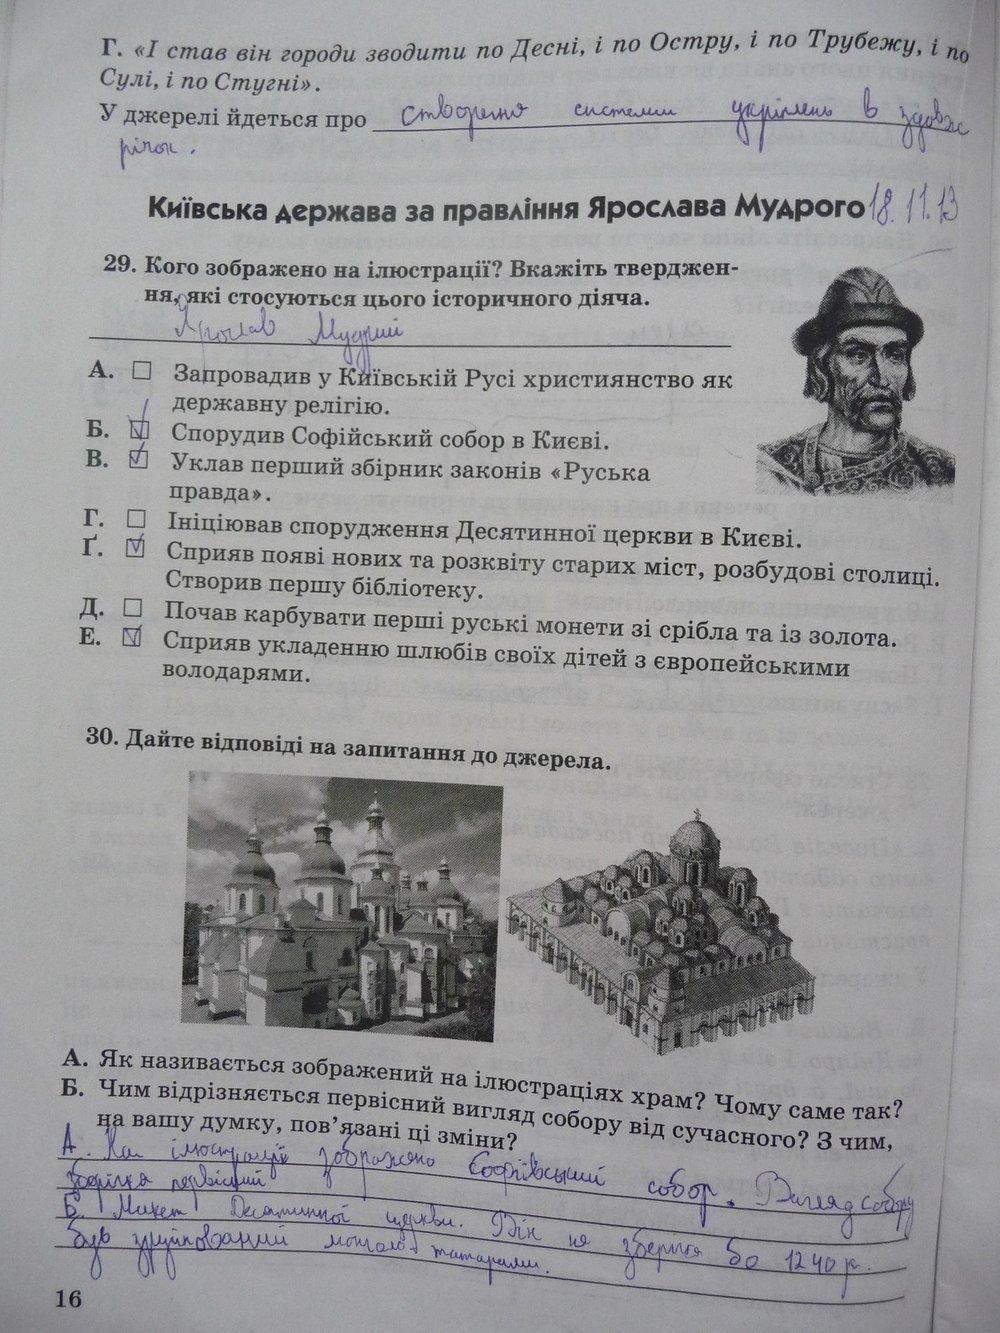 7 2018 класс гдз истории власов по украины